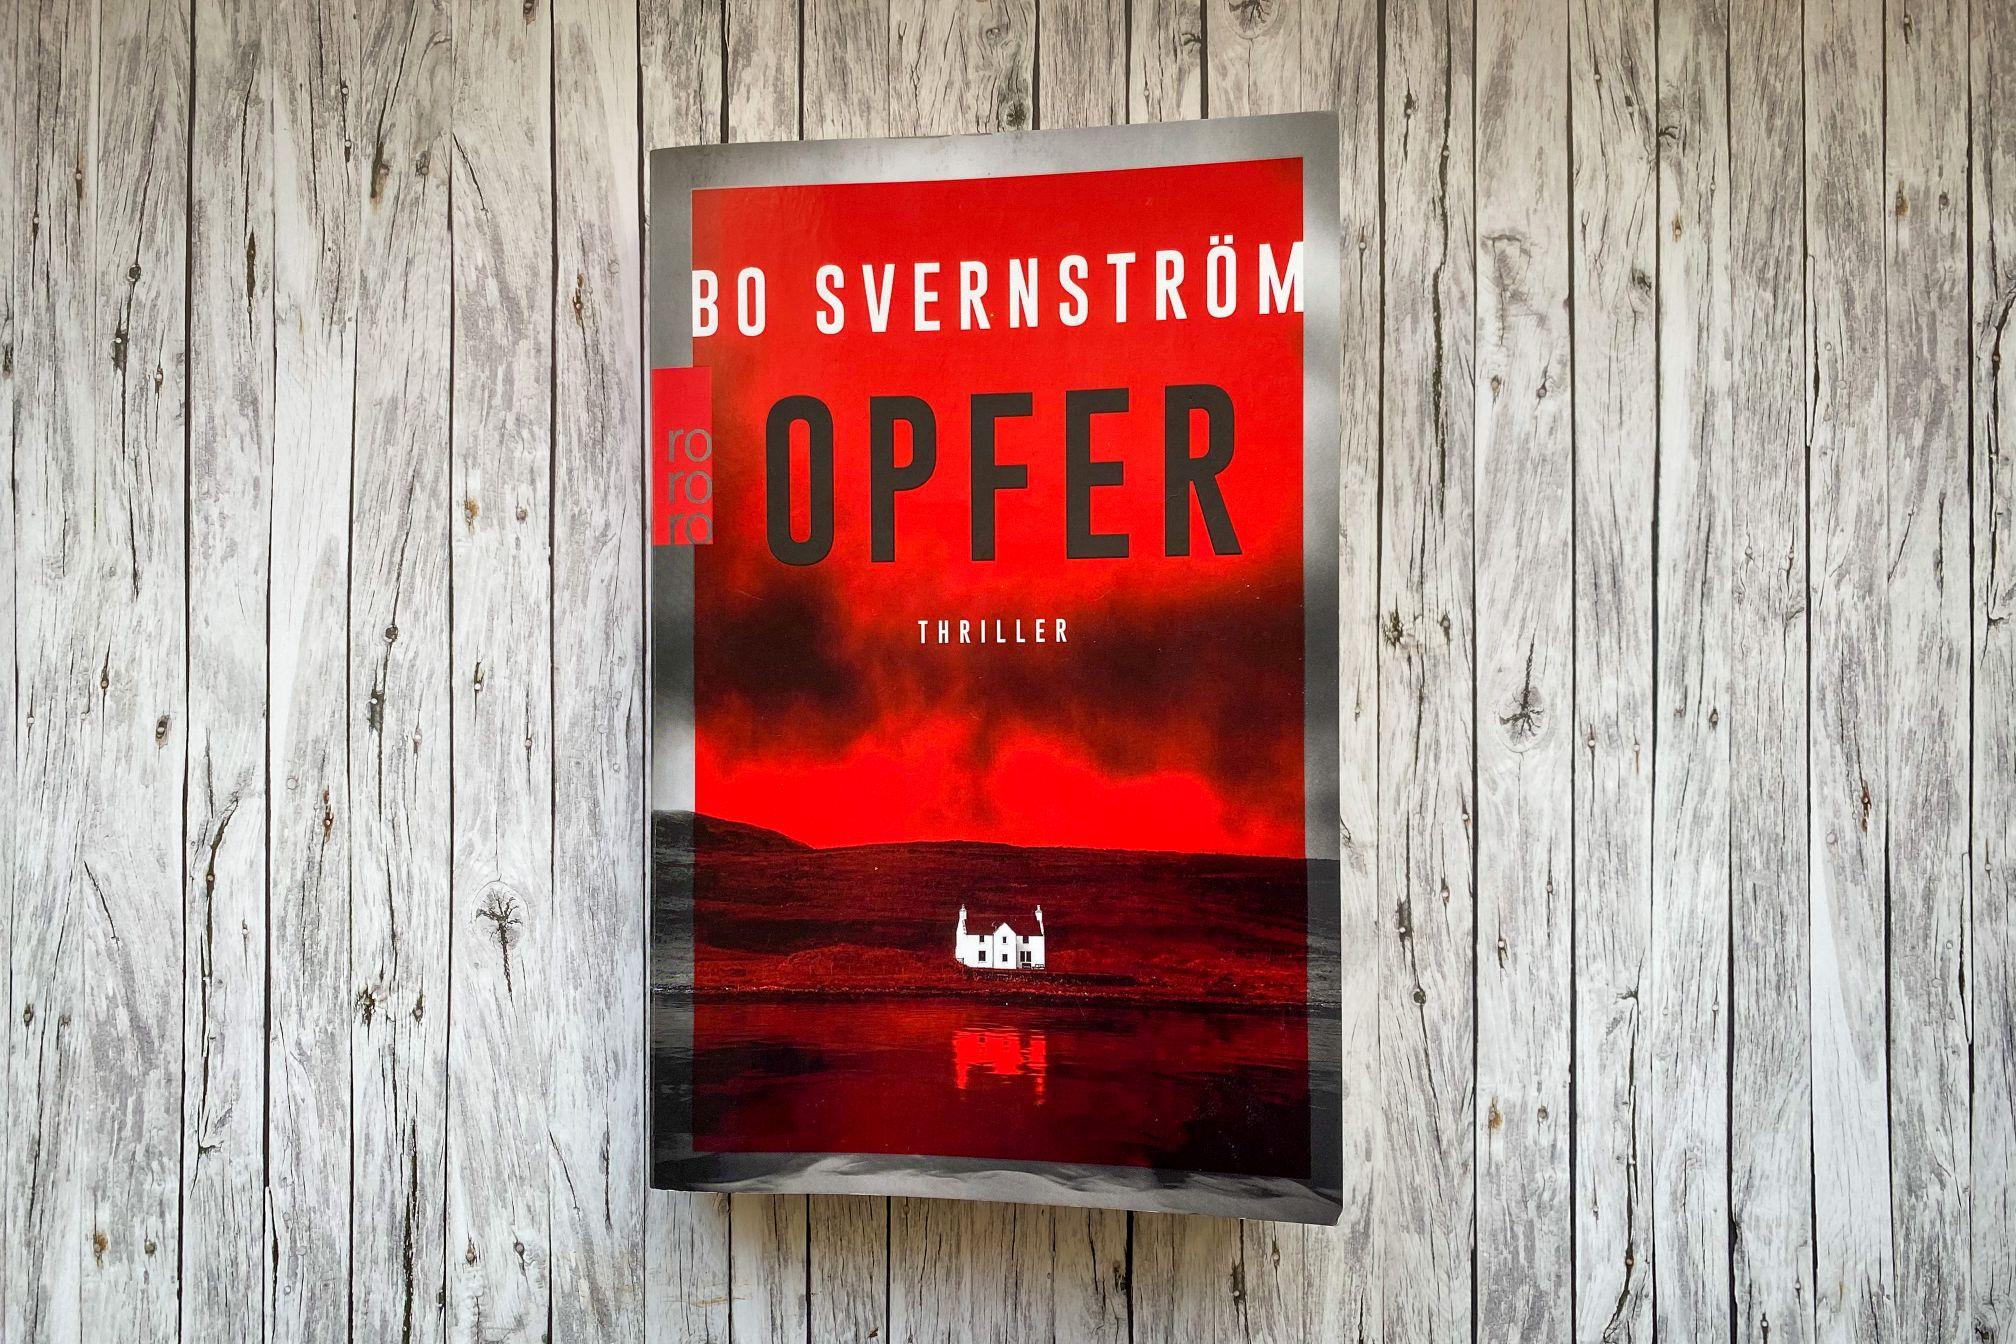 Opfer Bo Svernström Stockholm Schweden Thriller